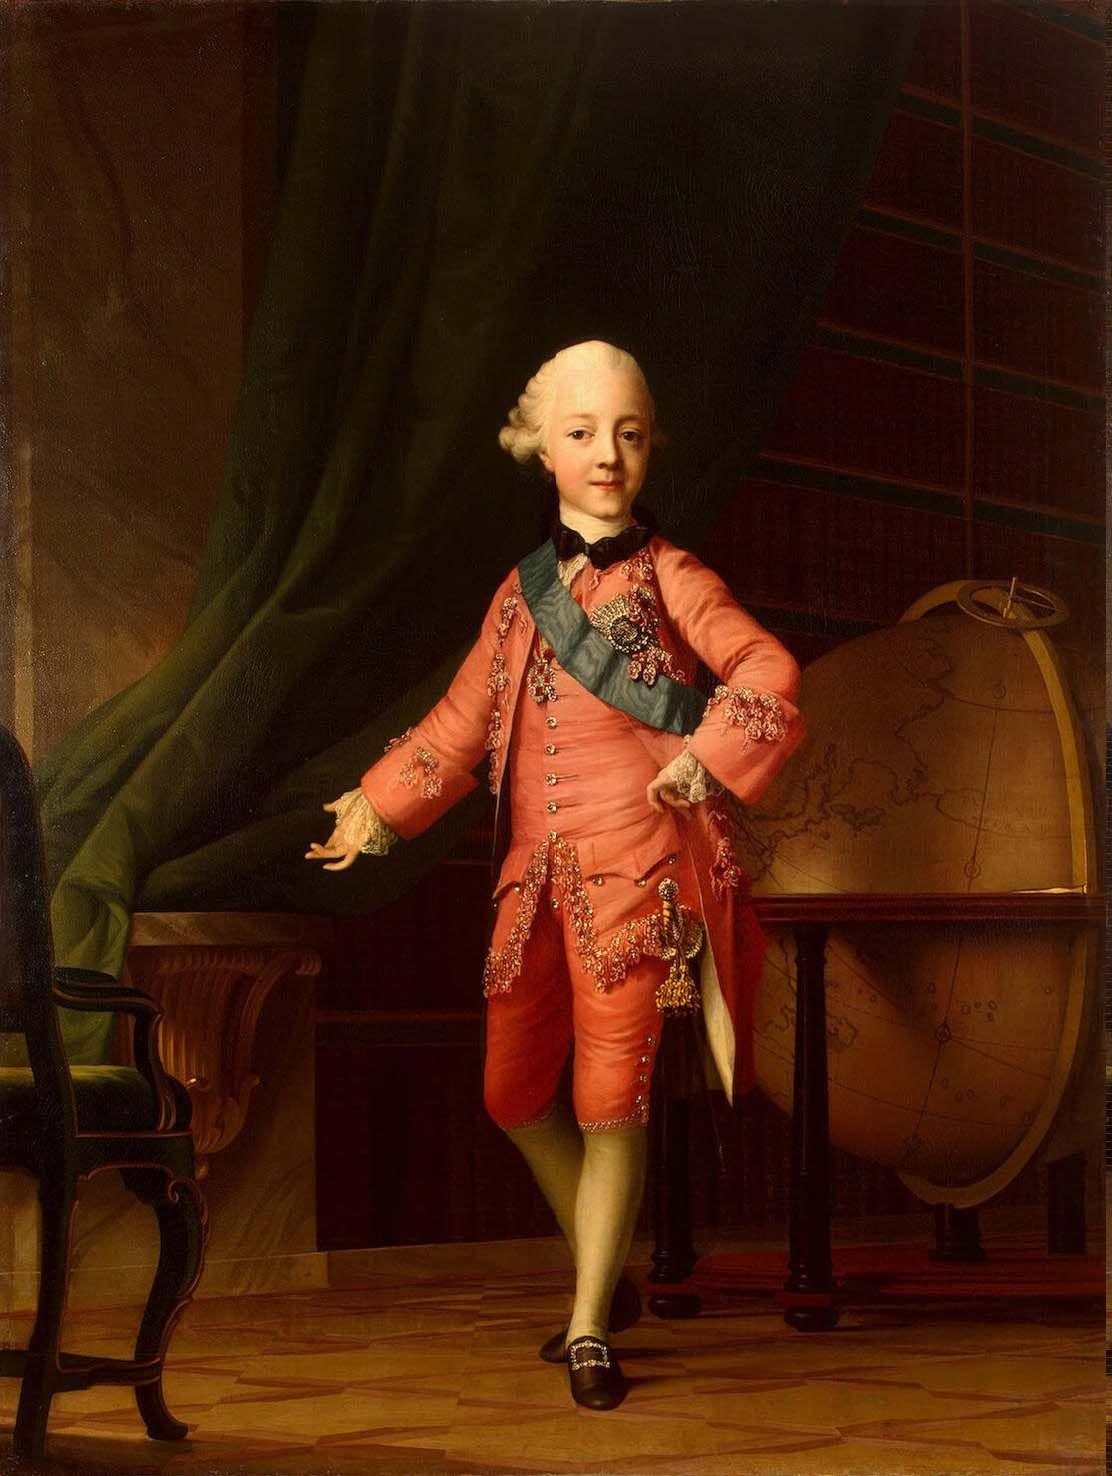 Портрет великого князя Павла Петровича в учебной комнате. Автор:Эриксен Вигилиус Годы жизни:(1722—1782):